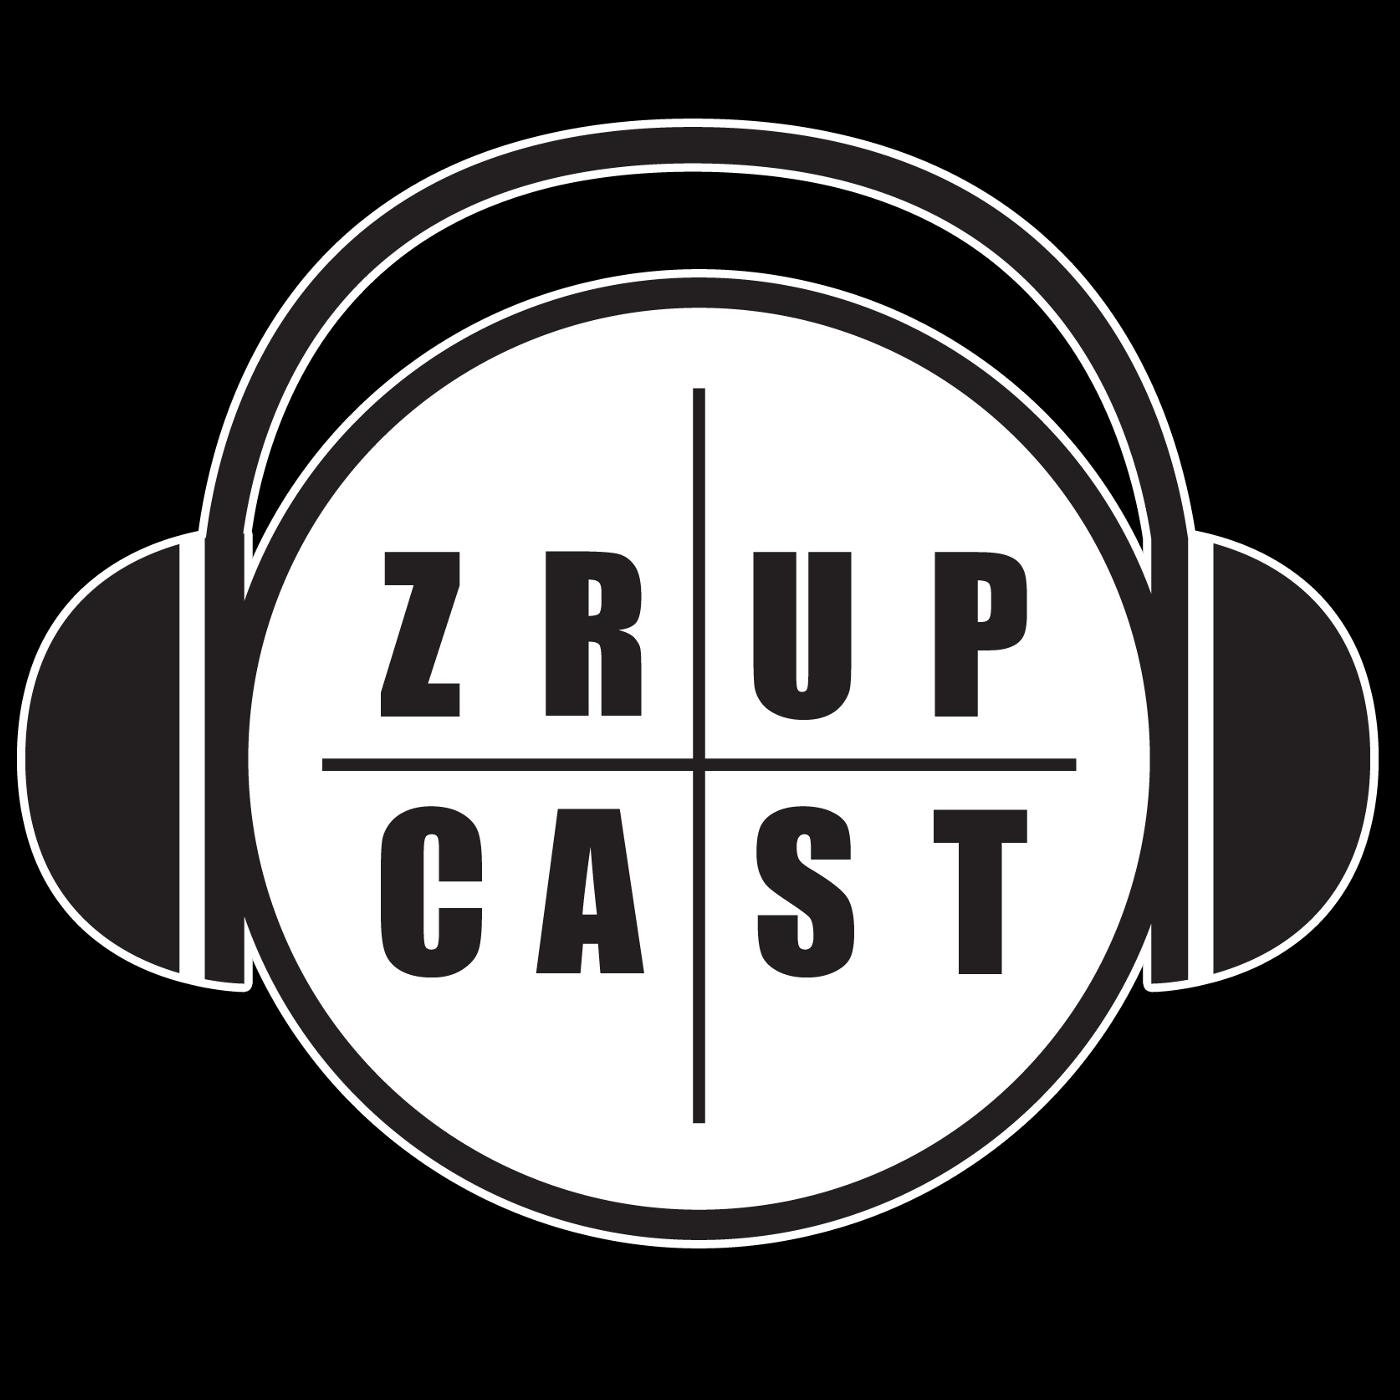 Okresowe posty i dieta ketogeniczna | Paweł Raczyński | ZRUPcast #26